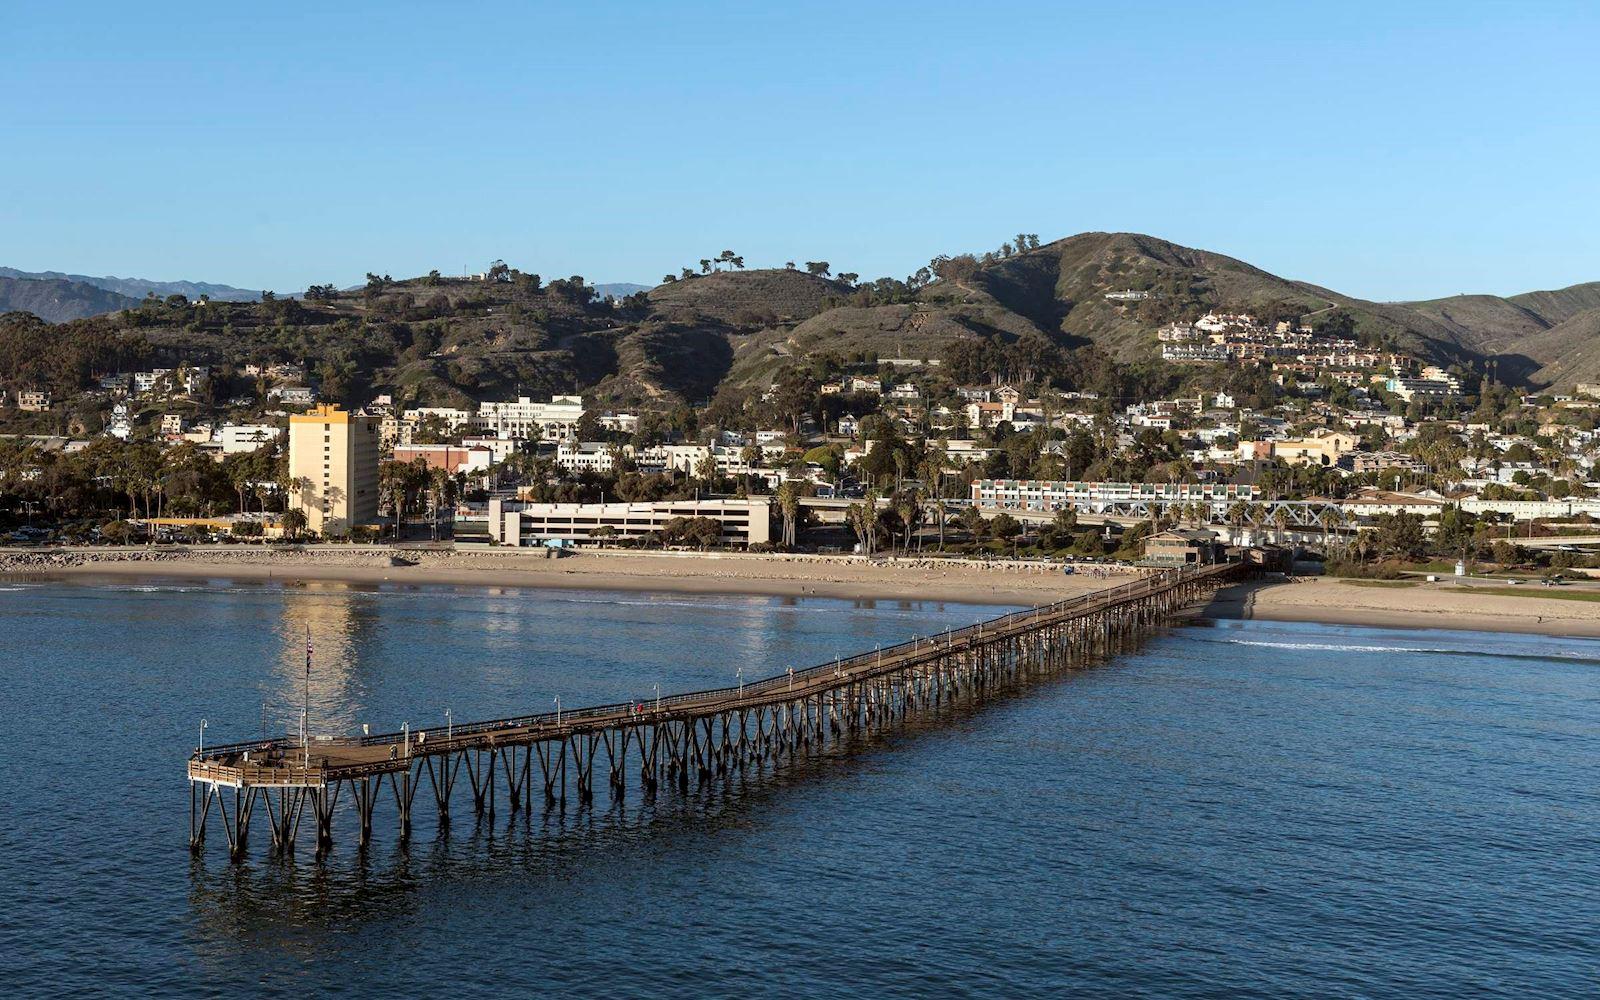 Ventura CA Hotel Accommodations  Vagabond Inn Ventura